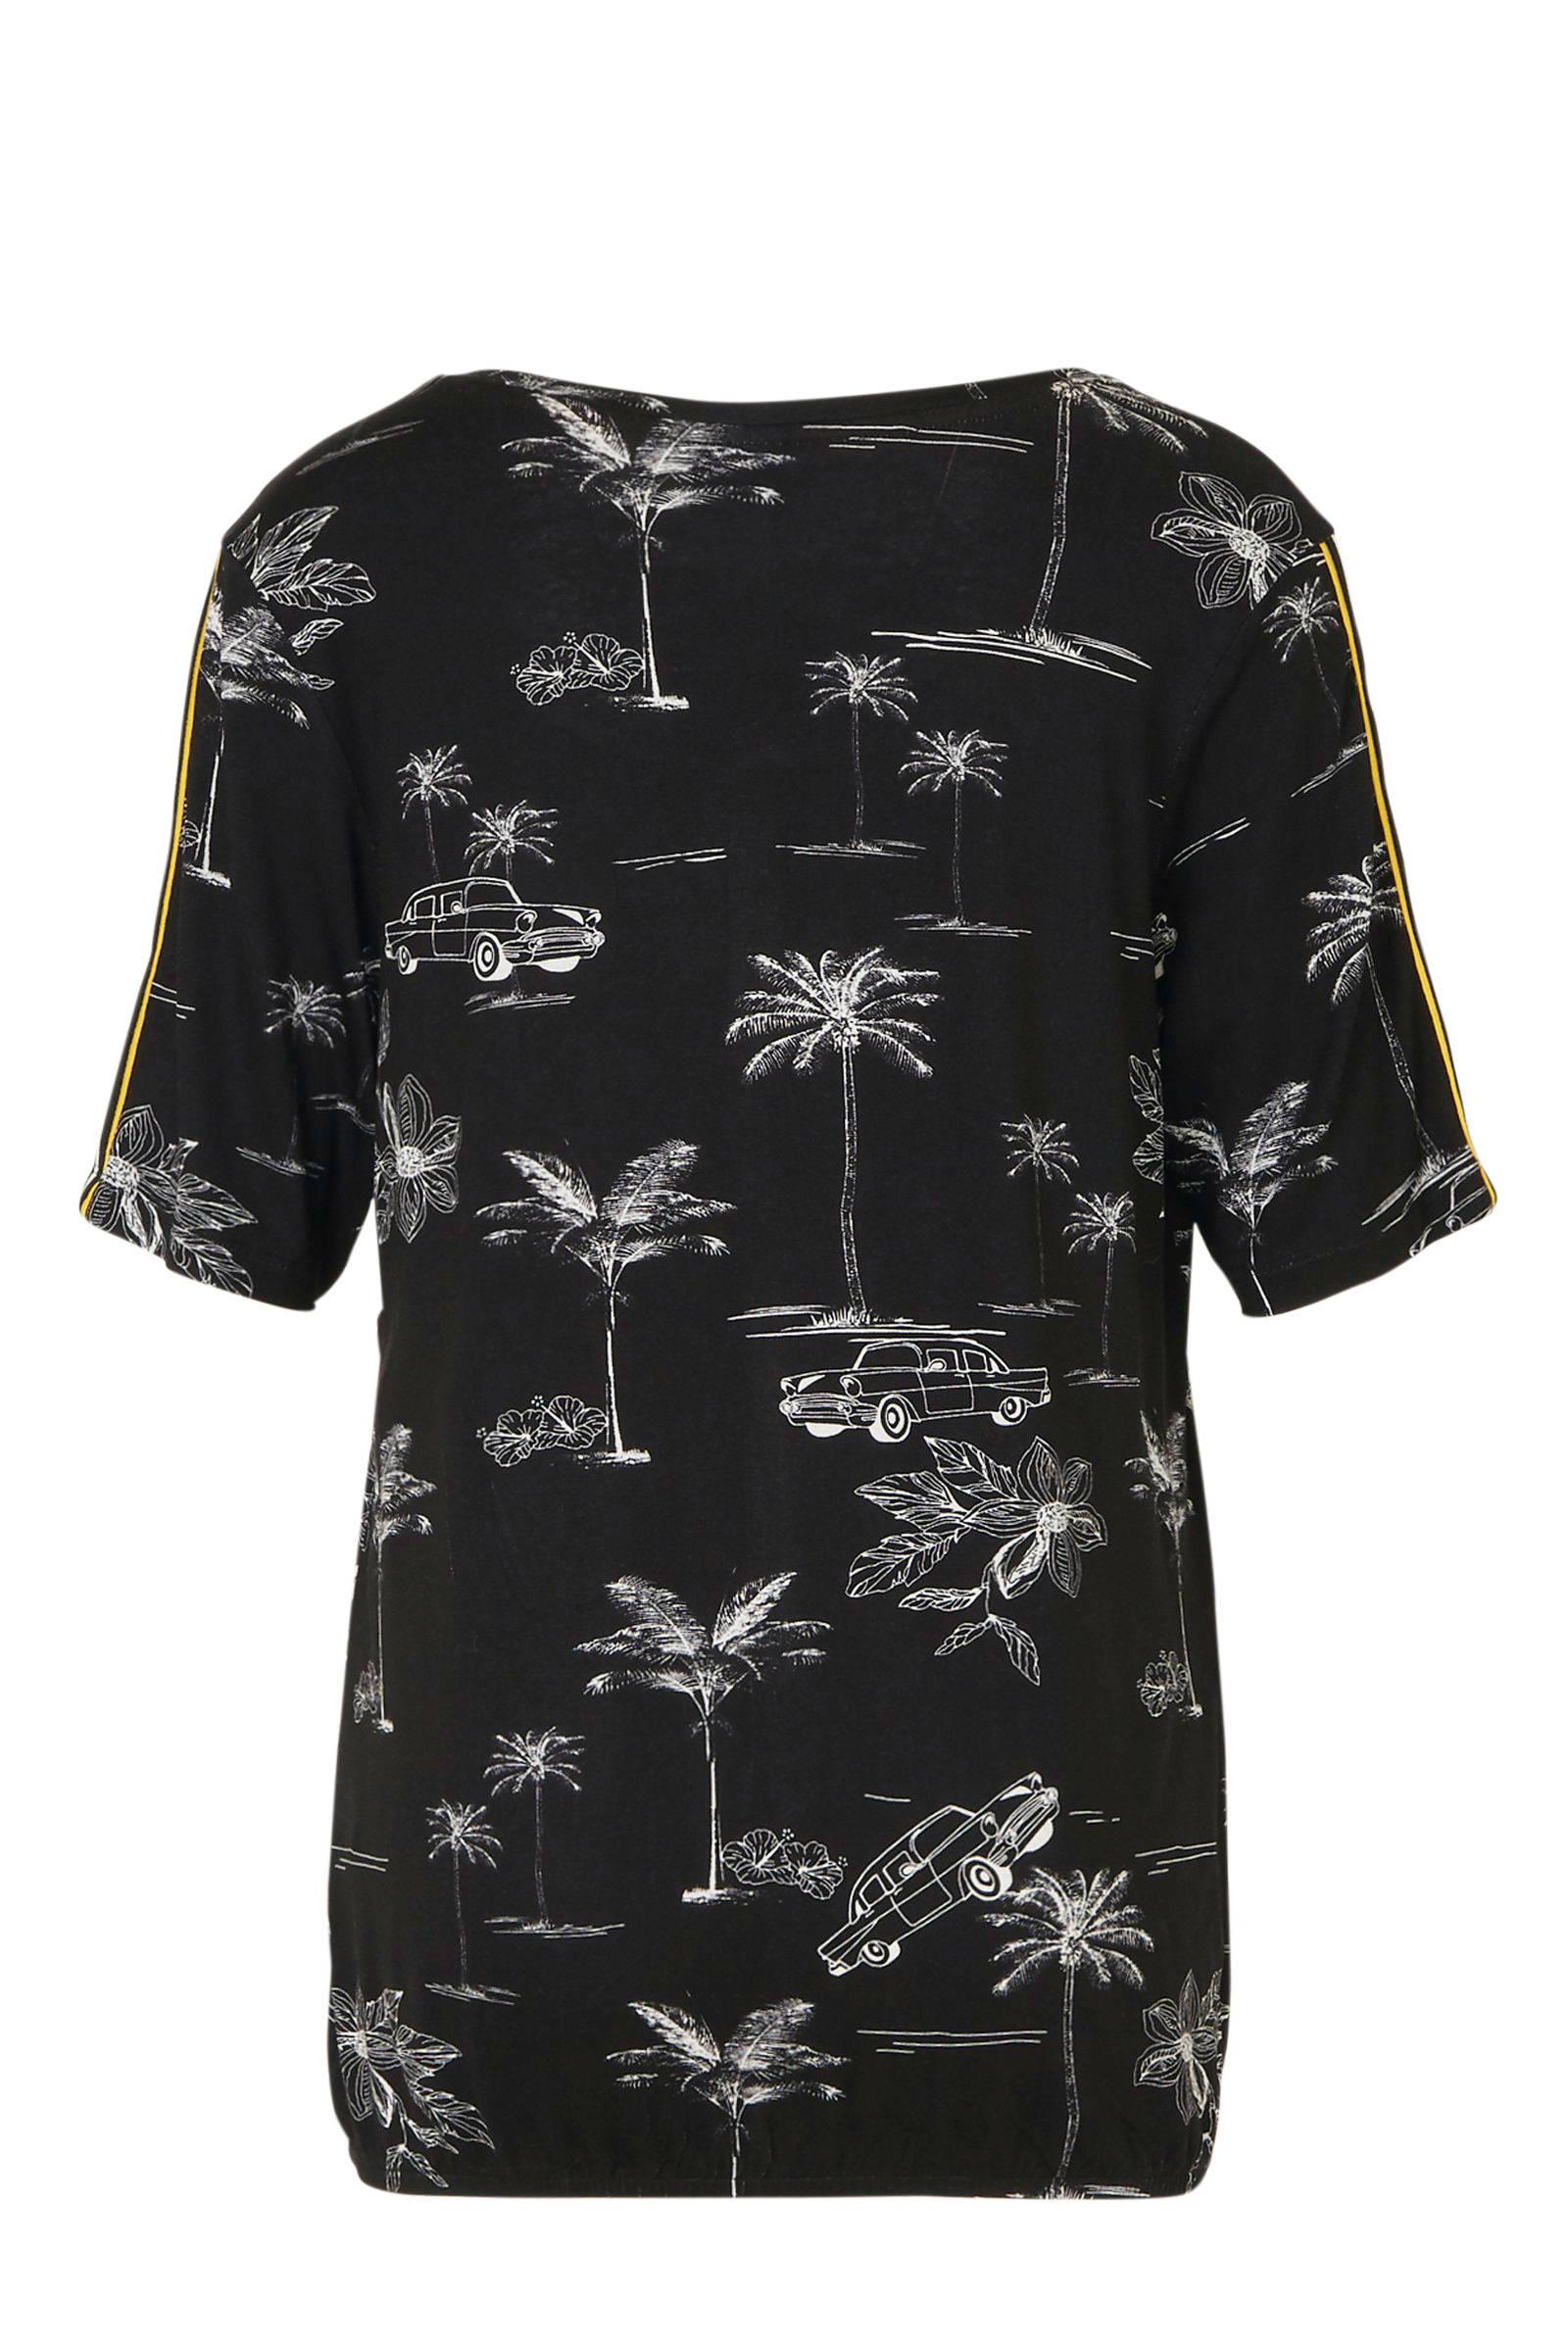 CHOISE top top met all over print zwart